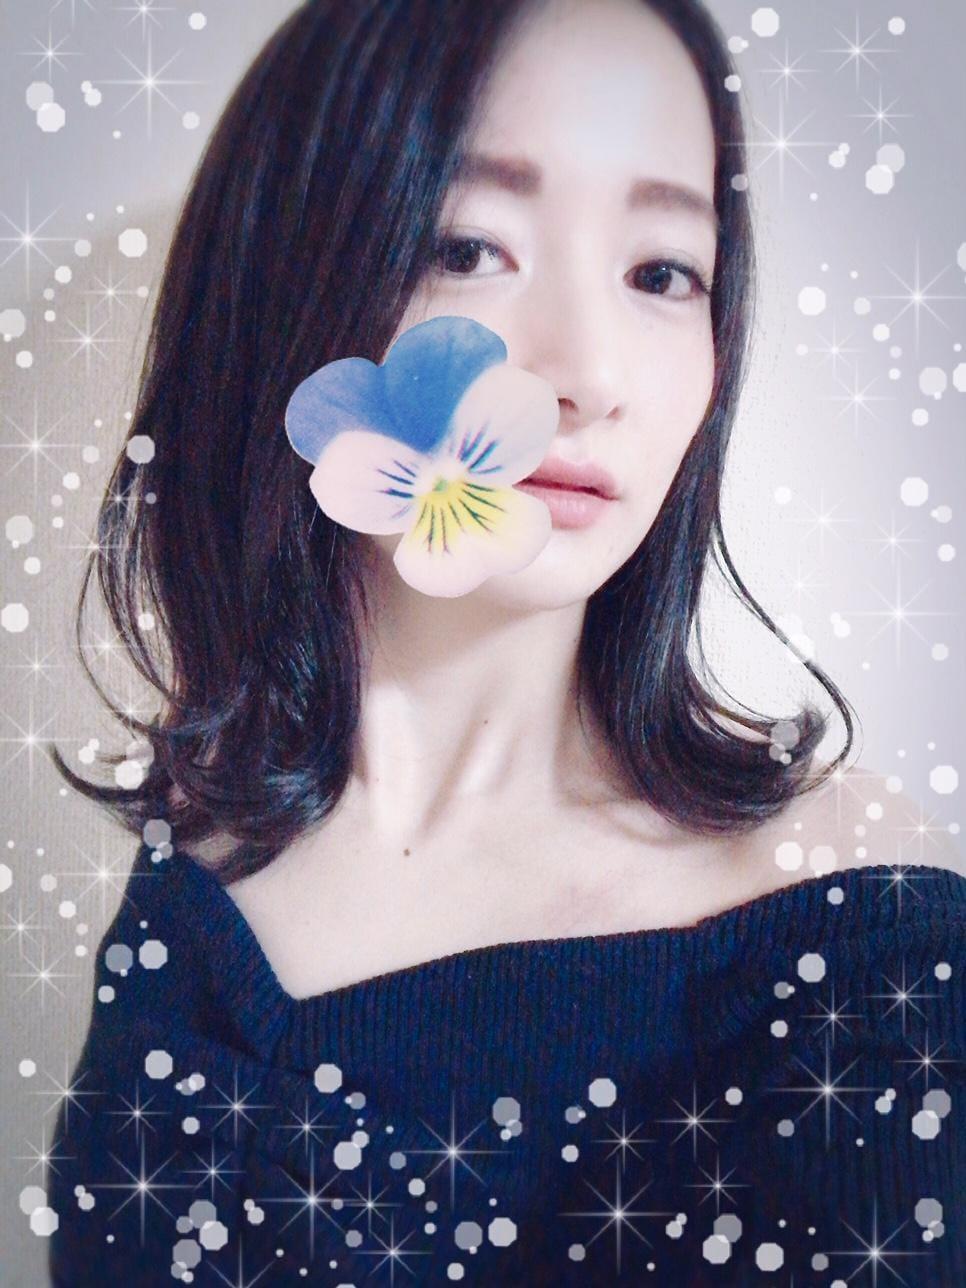 アン「いやぁ〜映画って本当に素晴らしいものですね!」01/19(土) 18:35 | アンの写メ・風俗動画